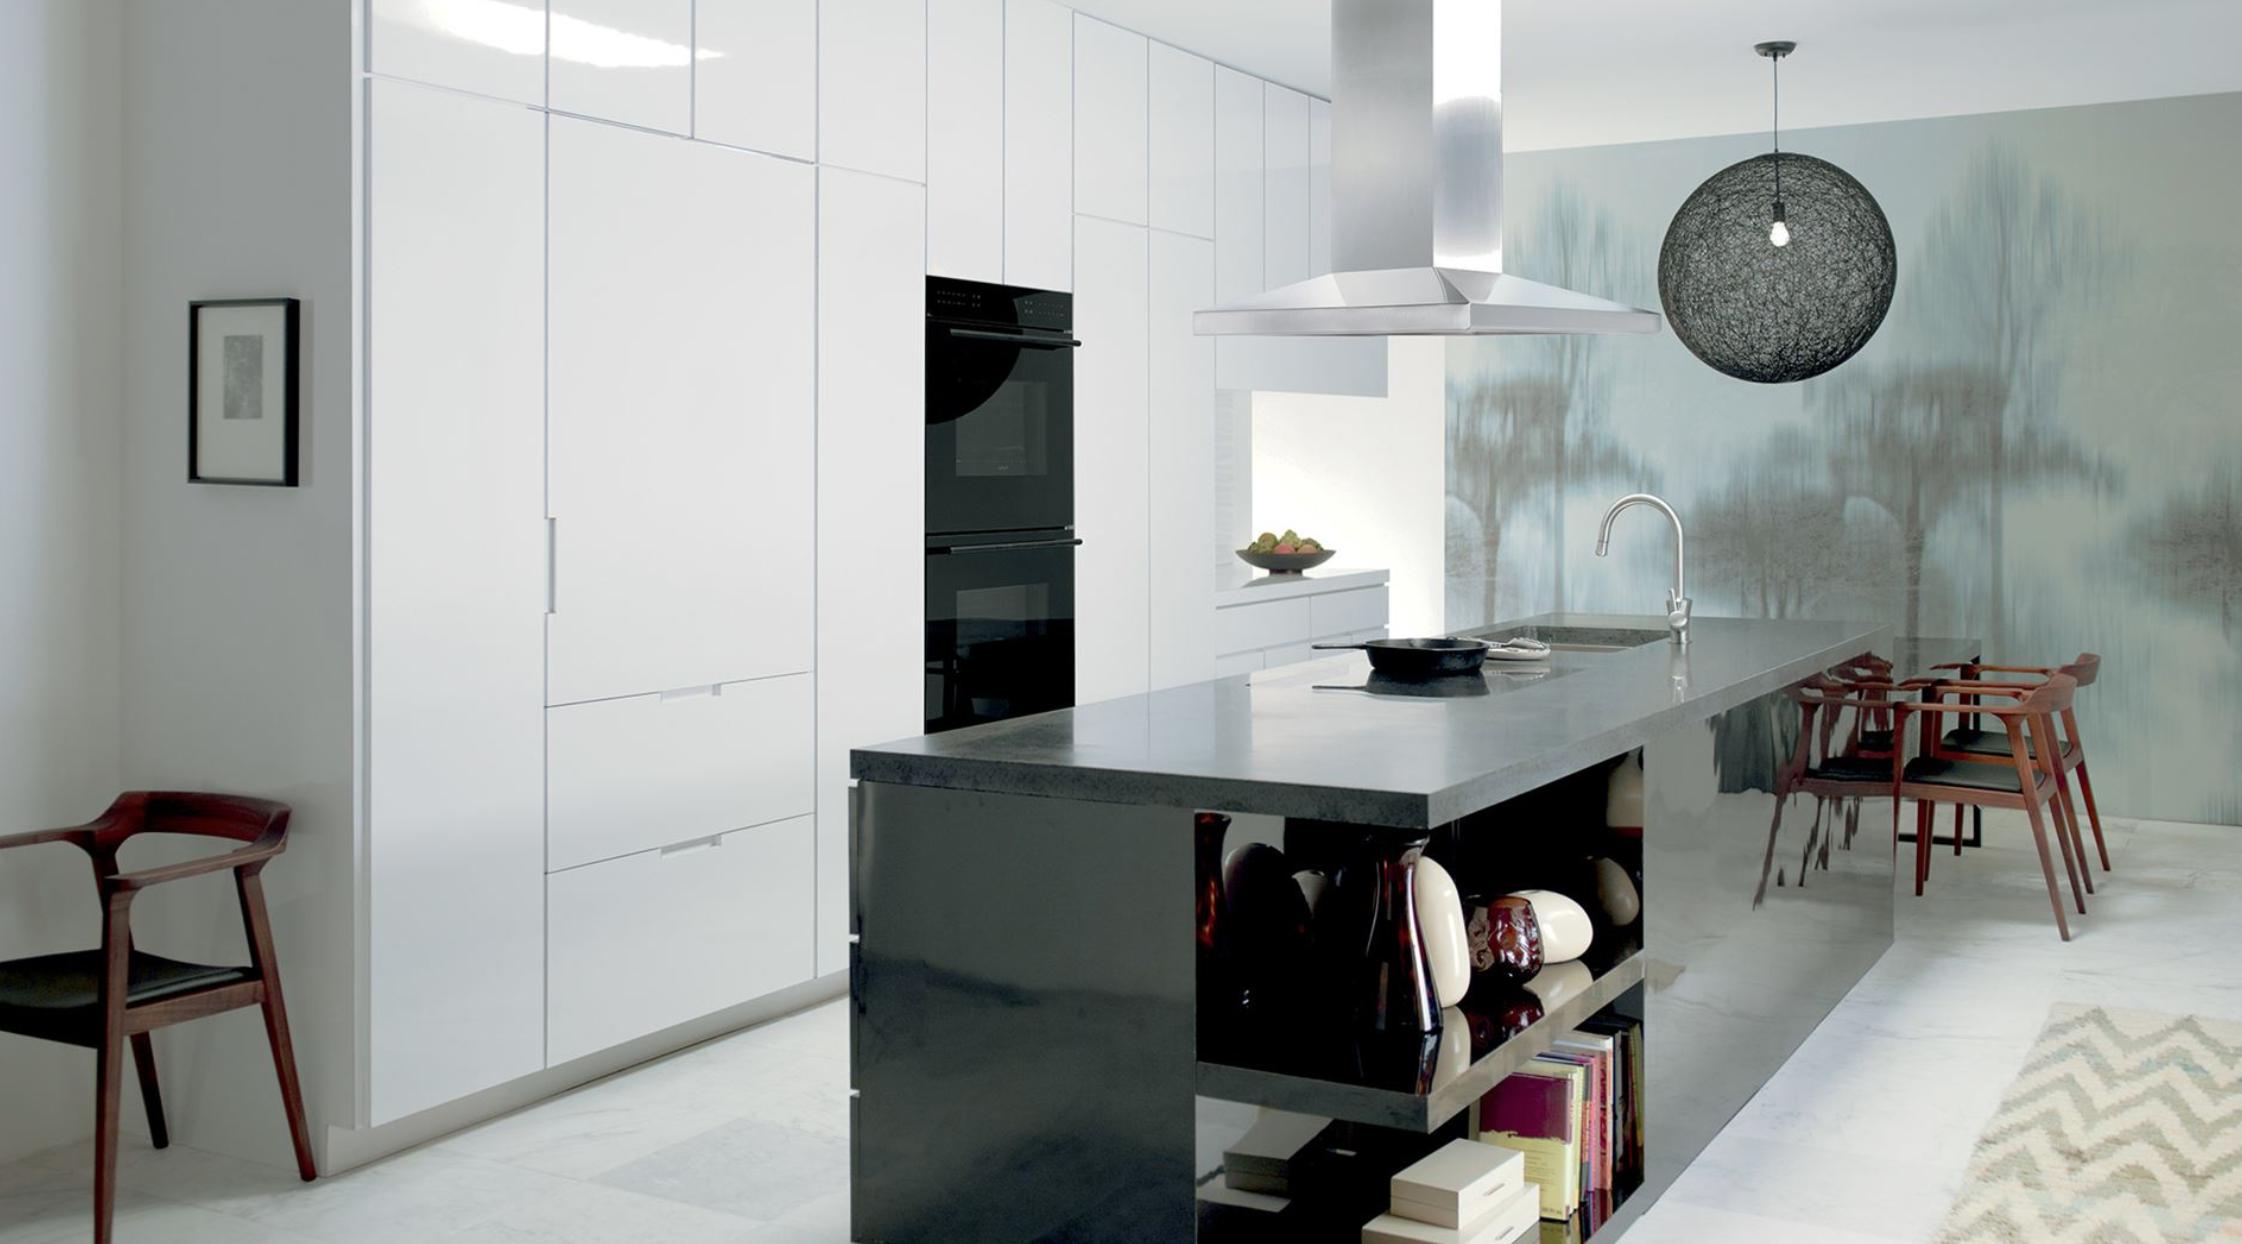 integrated fridge szw.png